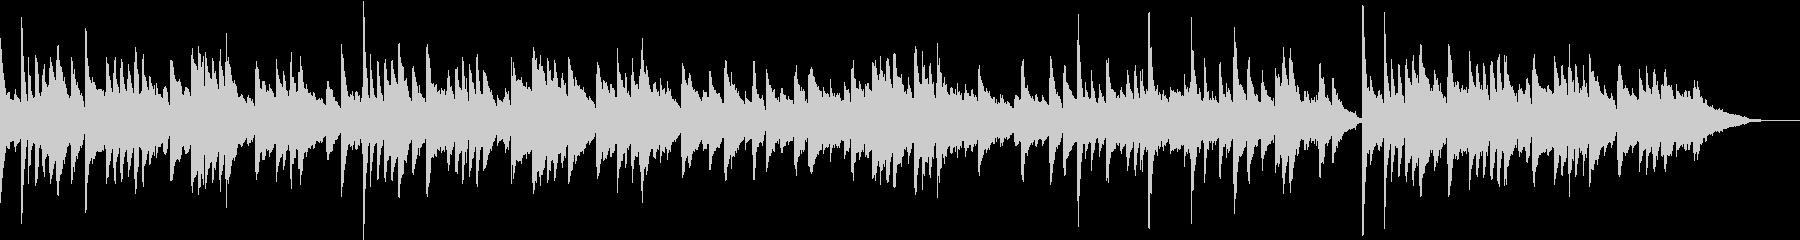 場面展開的なピアノ曲の未再生の波形